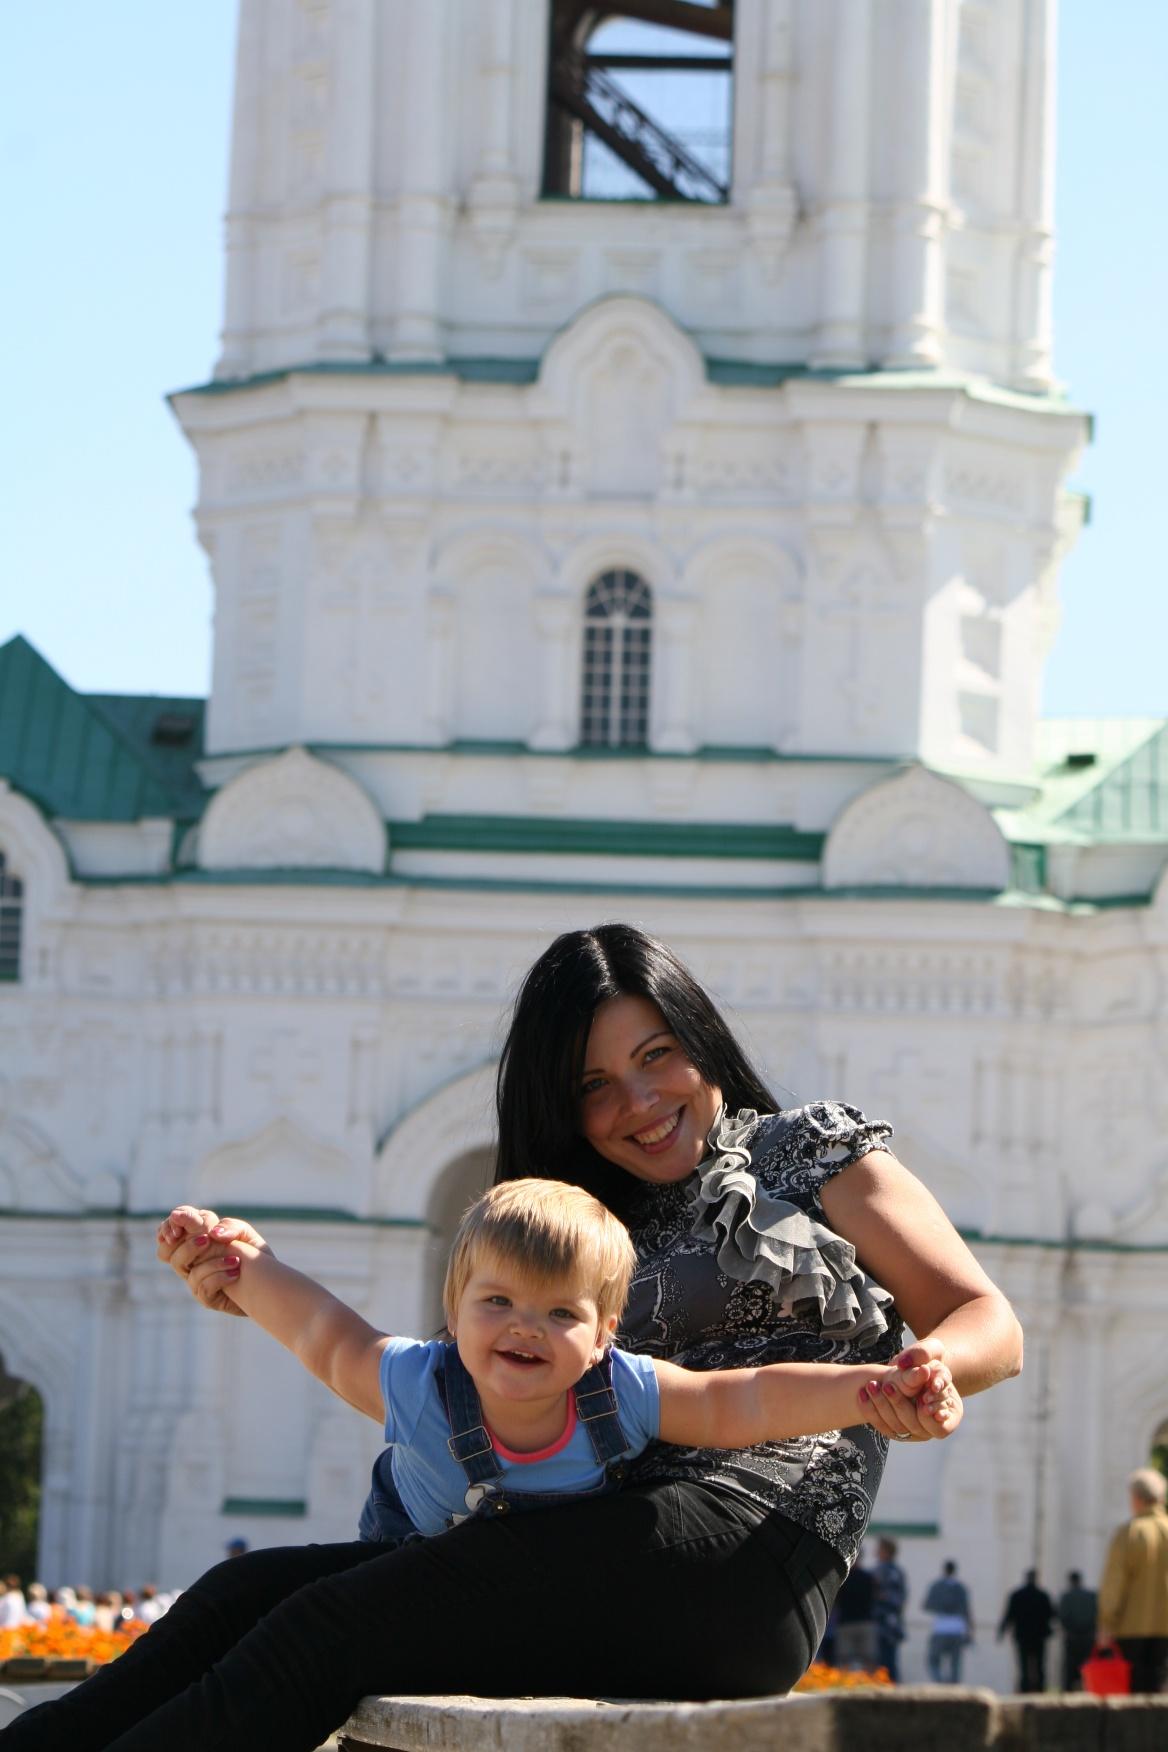 Анюта с мамой в Астраханском кремле. С мамой на прогулке